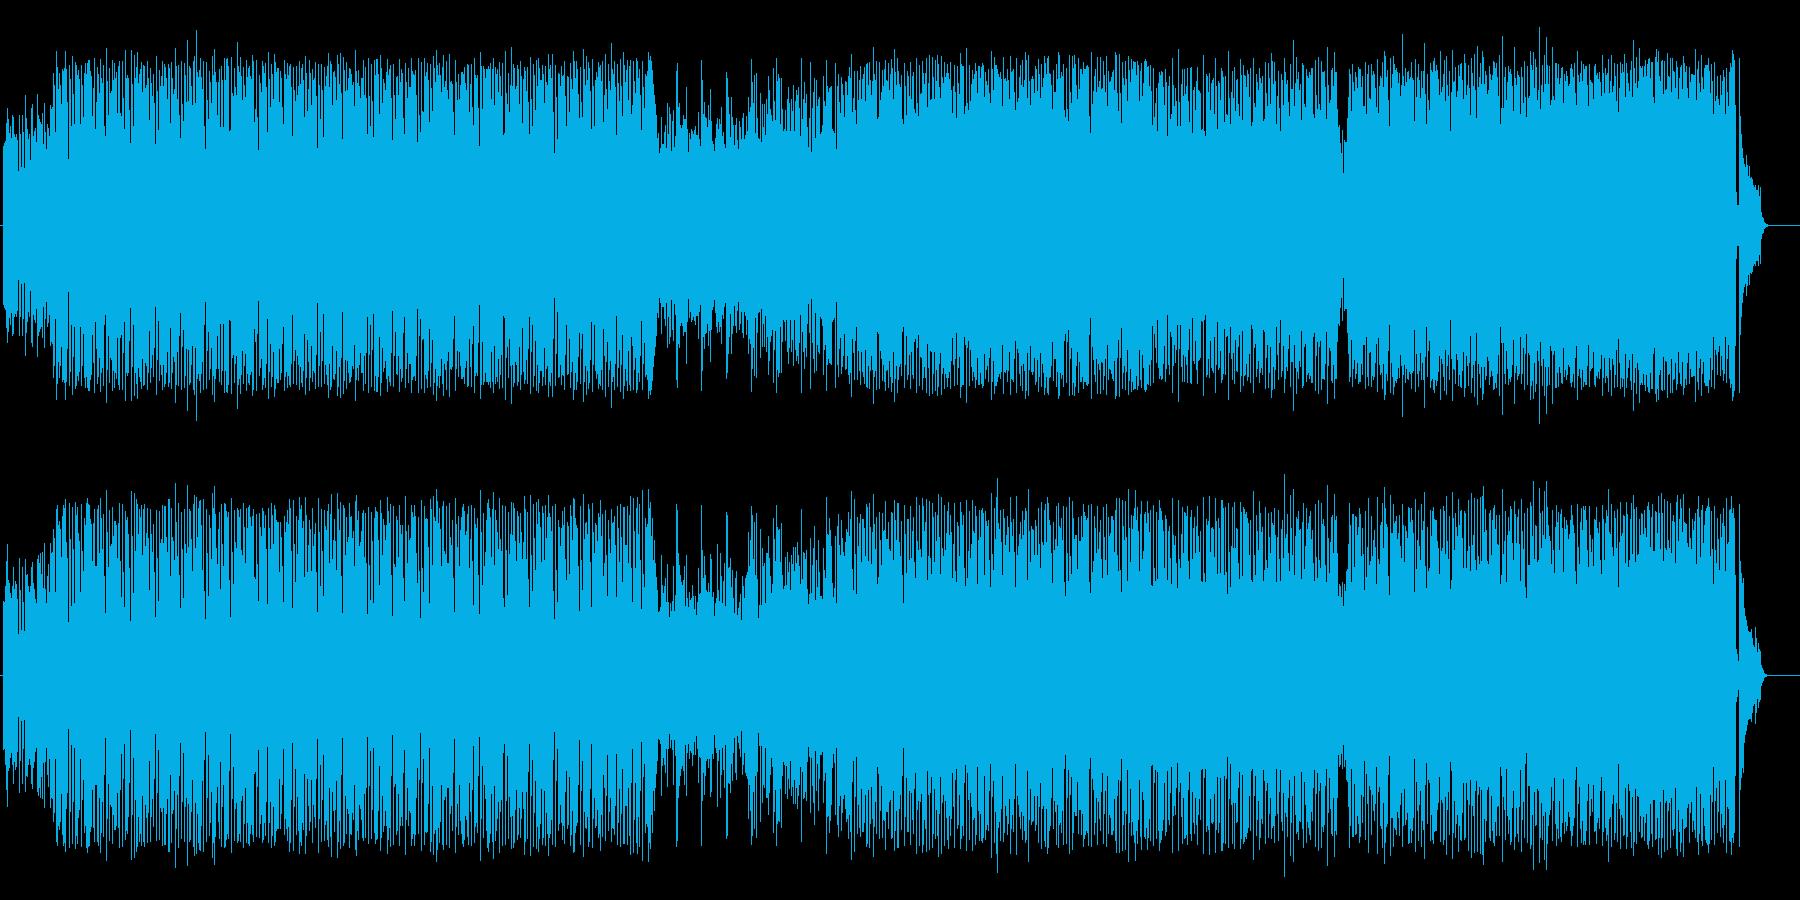 激しくクールで粋なテクノ/ドキュメントの再生済みの波形